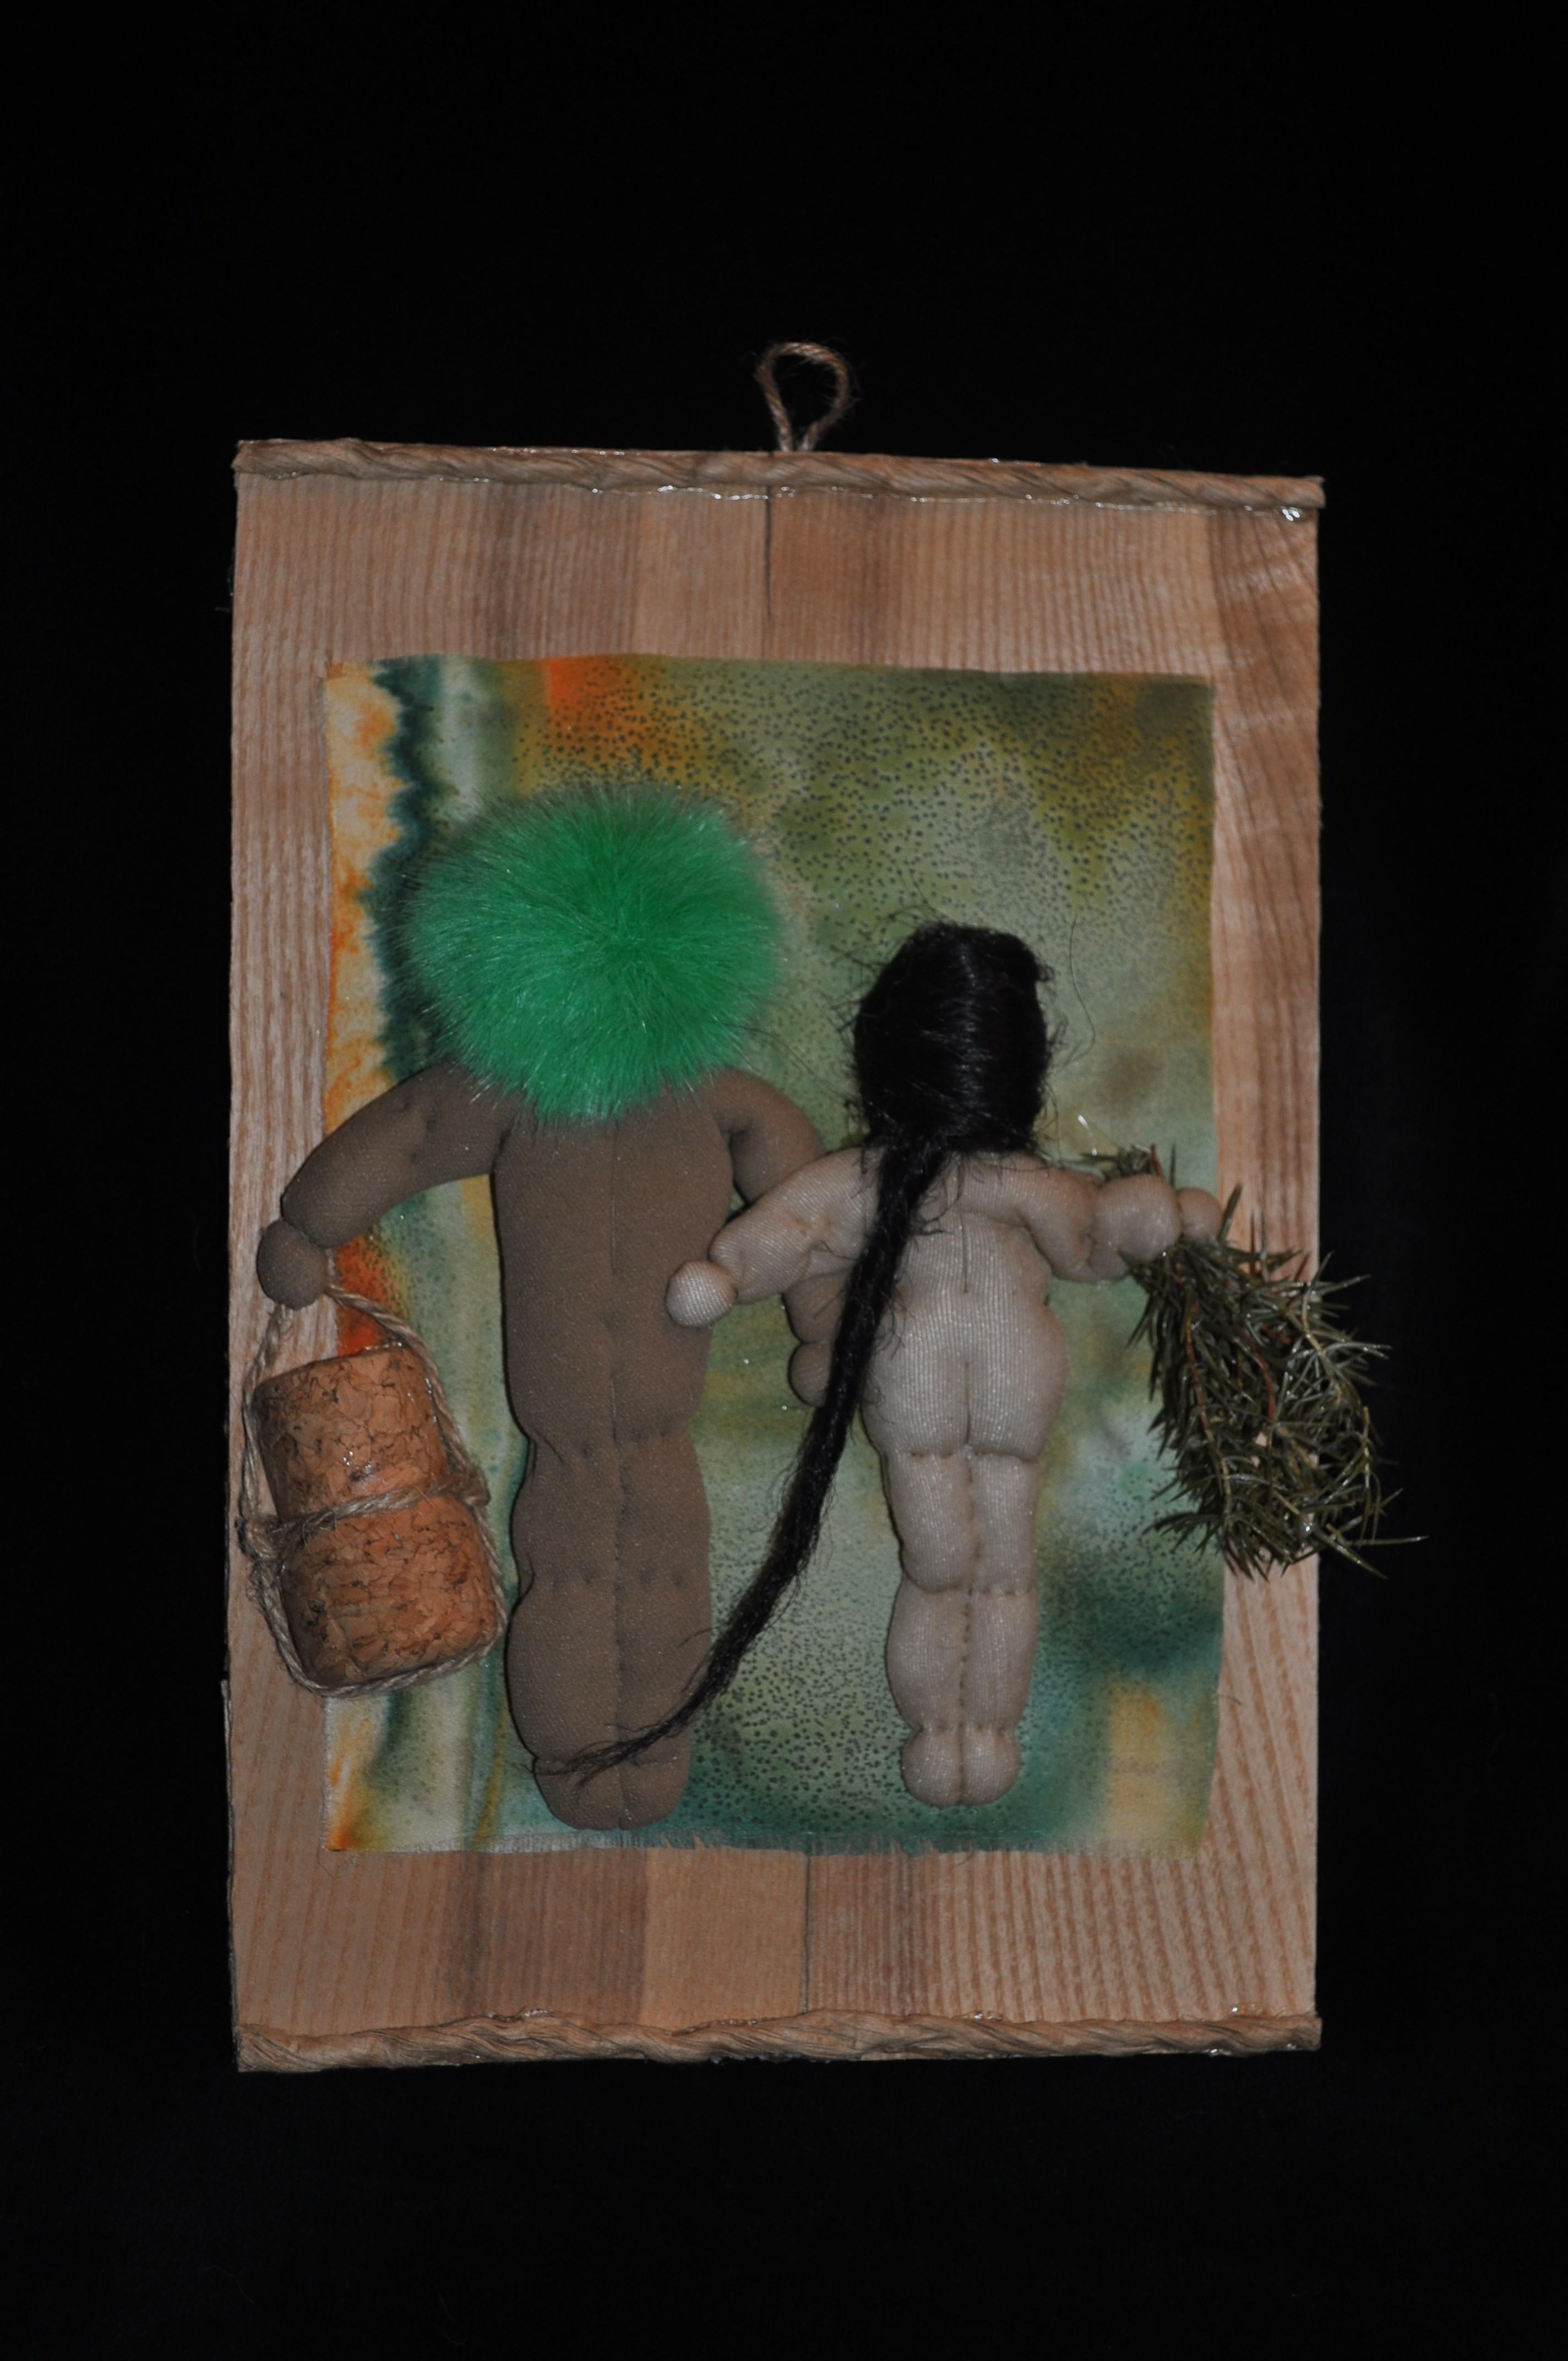 Käsityö, koristeet sauna tai ulko-ovet, ommeltu, alaston, nuket käsityökauppa netissä, nude dolls